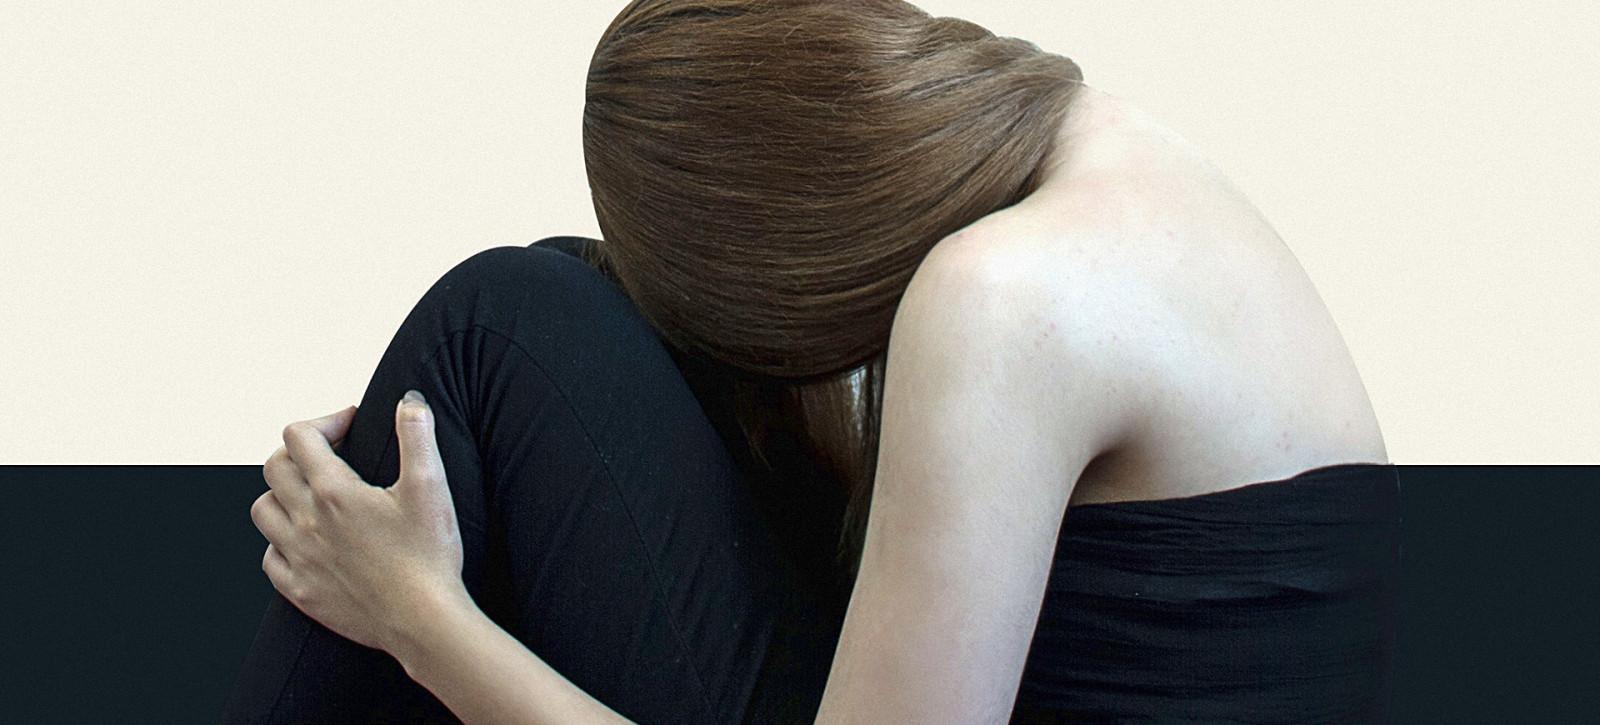 10_UTWORY__Juana ADCOCK__Ciało kobiety, które zamieszkuję